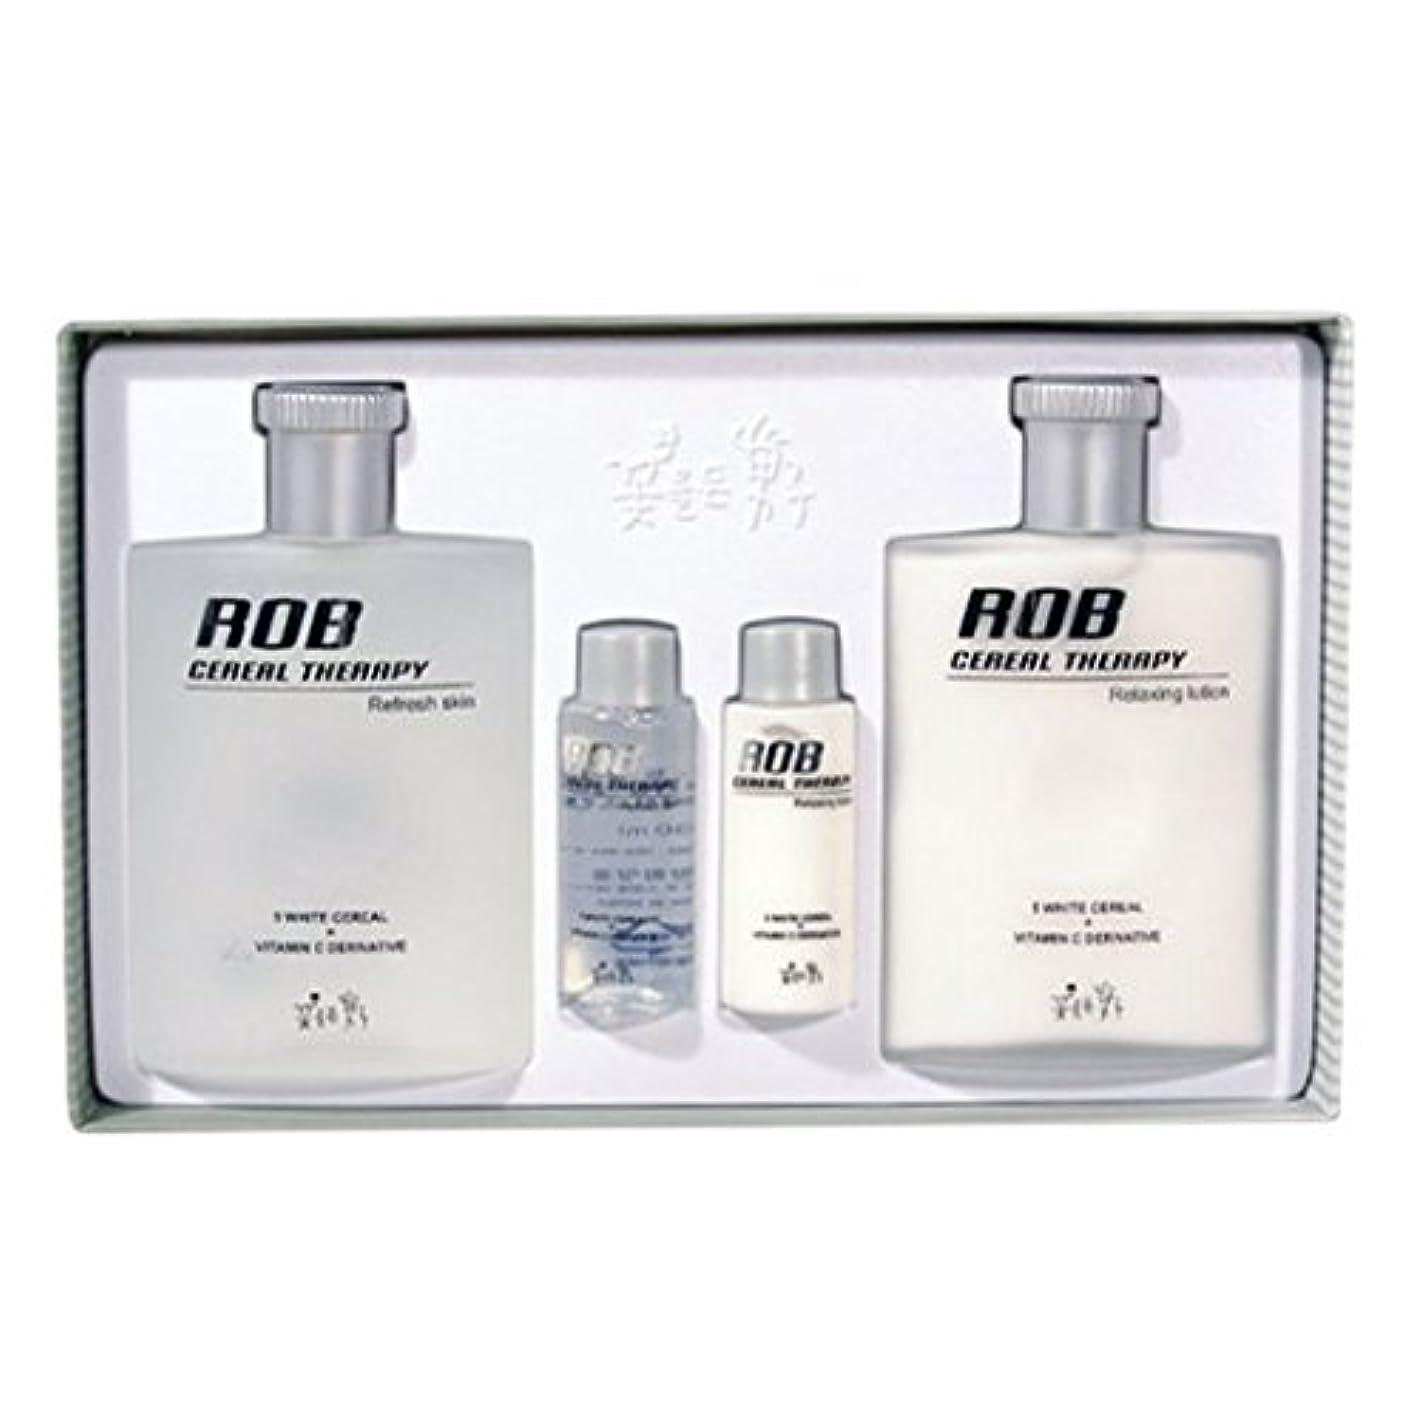 現れるスコアでるロブ?シリアルセラピースキン(160+30ml)ローション(160+30ml)、男性用化粧品、ROB Cereal Therapy Skin(160+30ml) Lotion(160+30ml) Men's Cosmetics [並行輸入品]